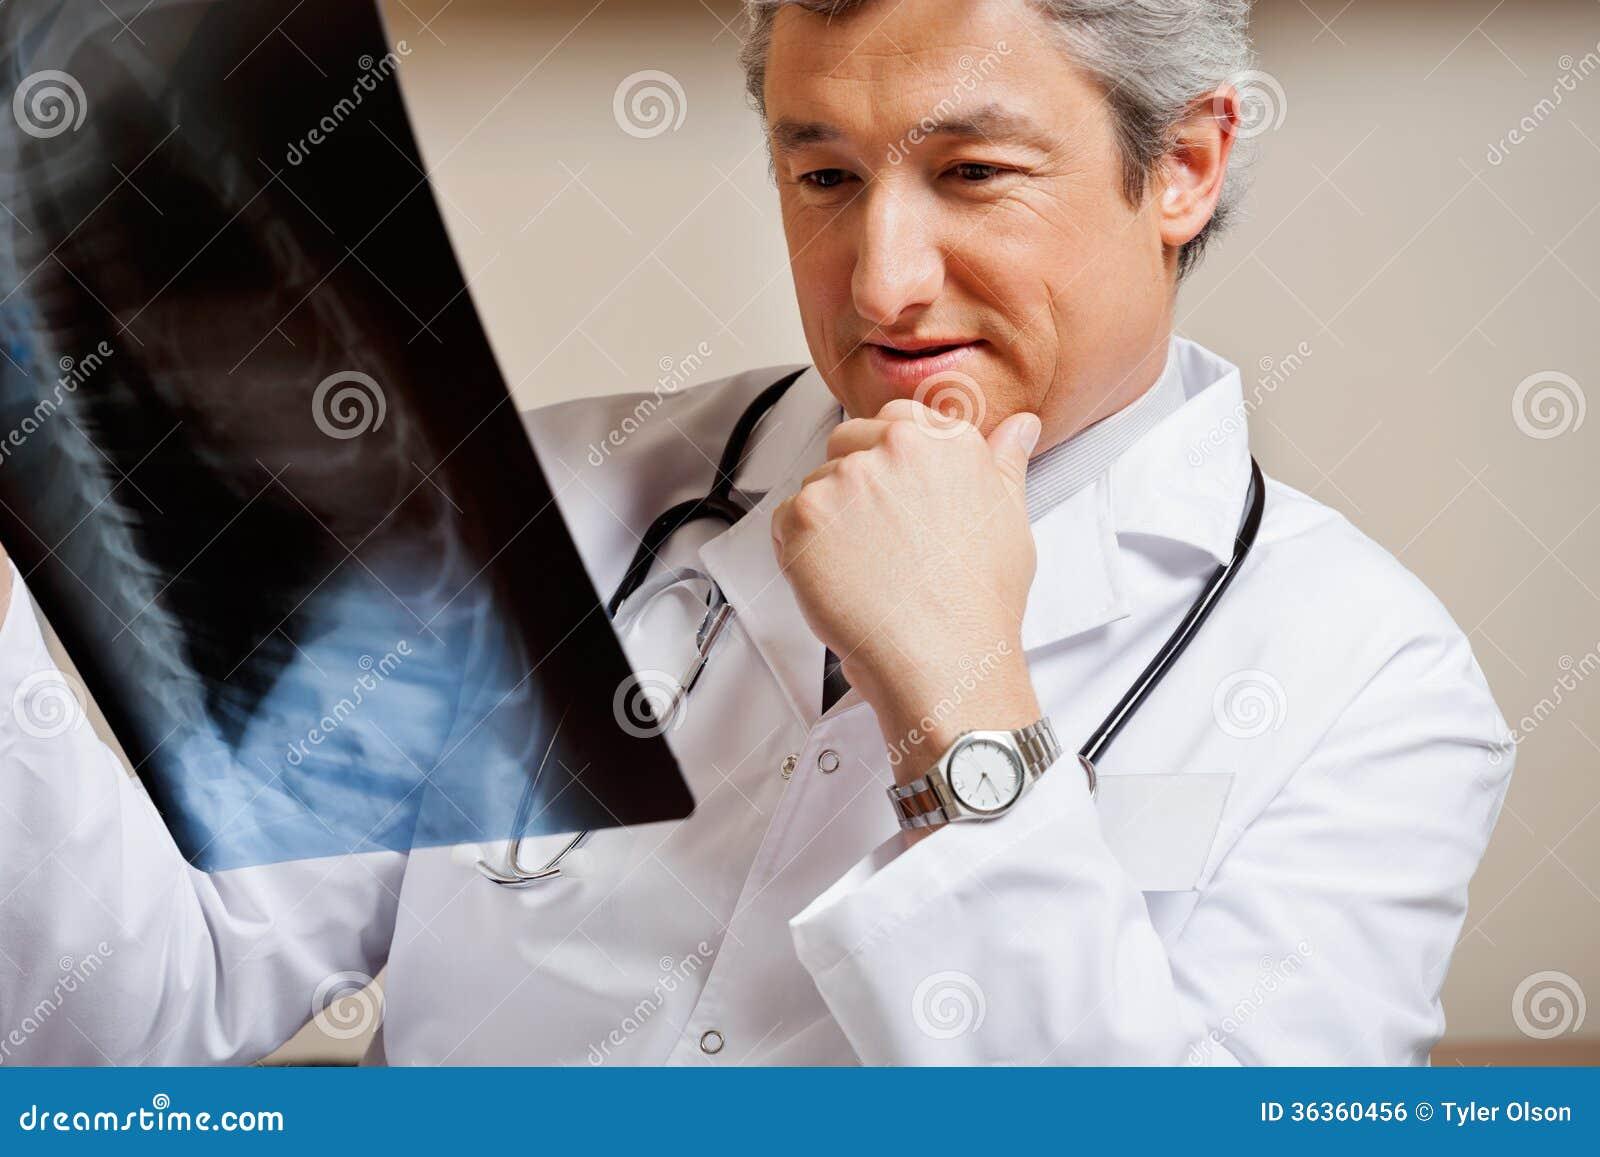 RadiologistStudyingXRayRoyaltyFreeStockImage